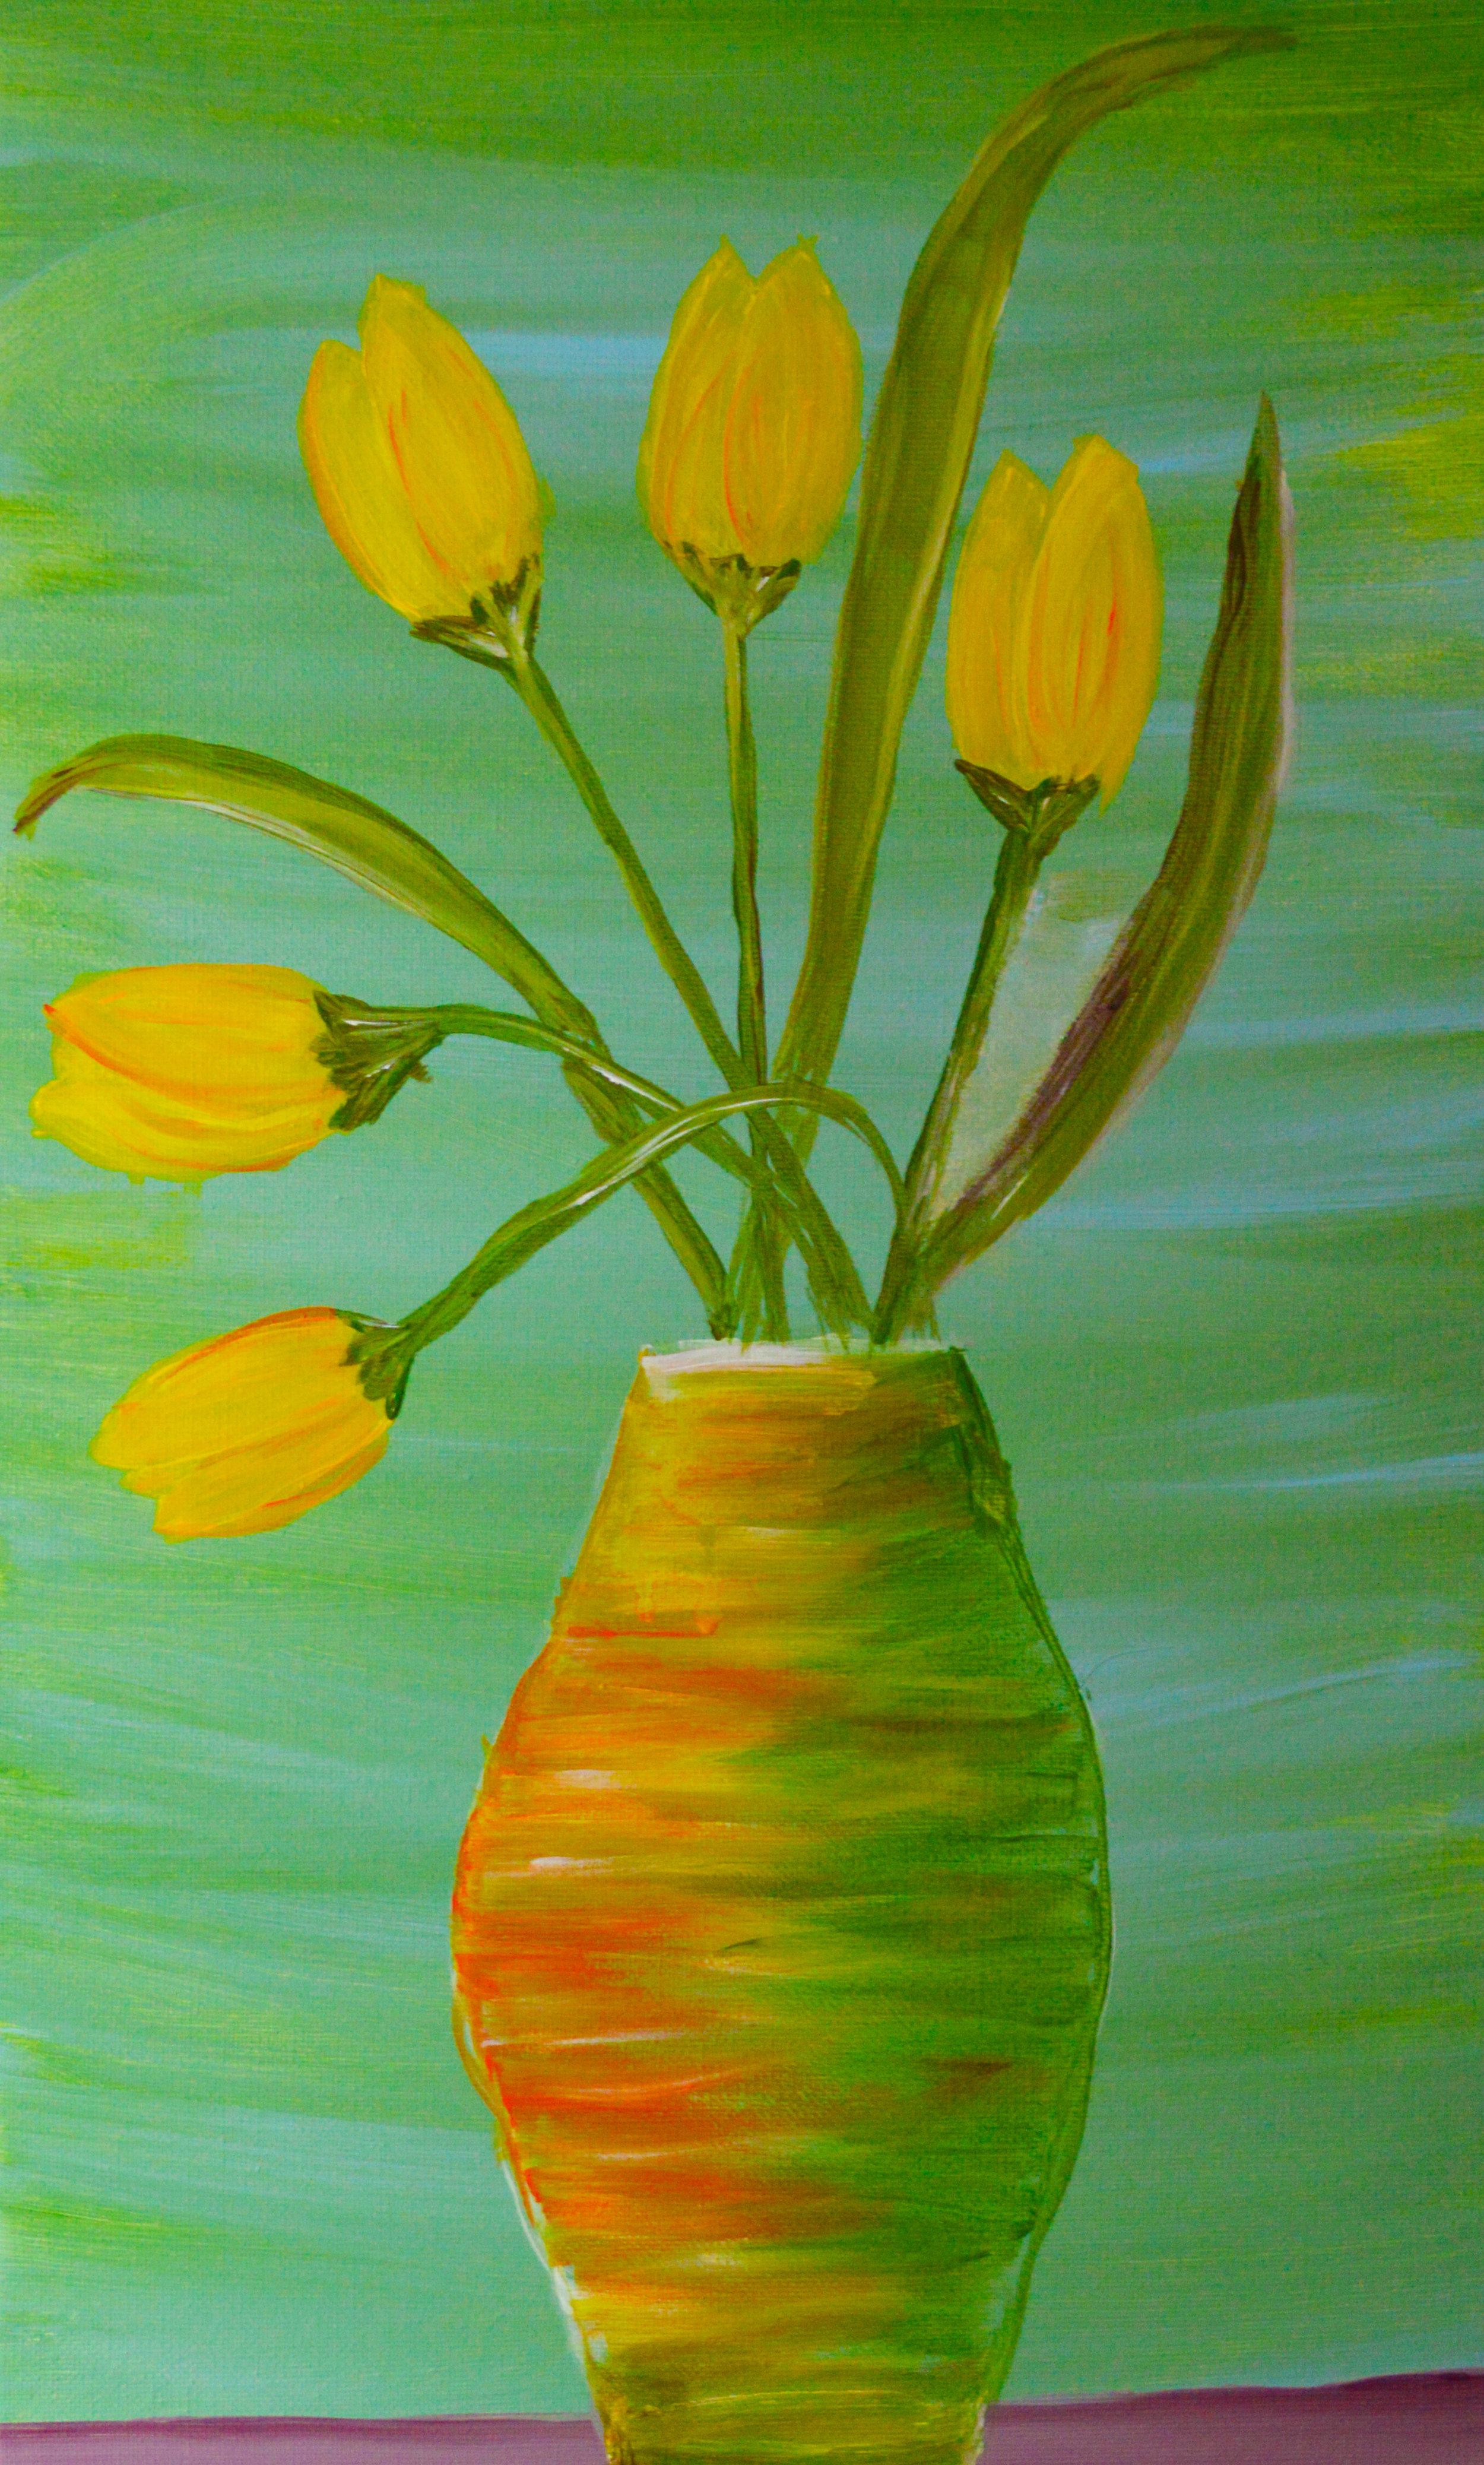 yellow_tulips_3.jpg